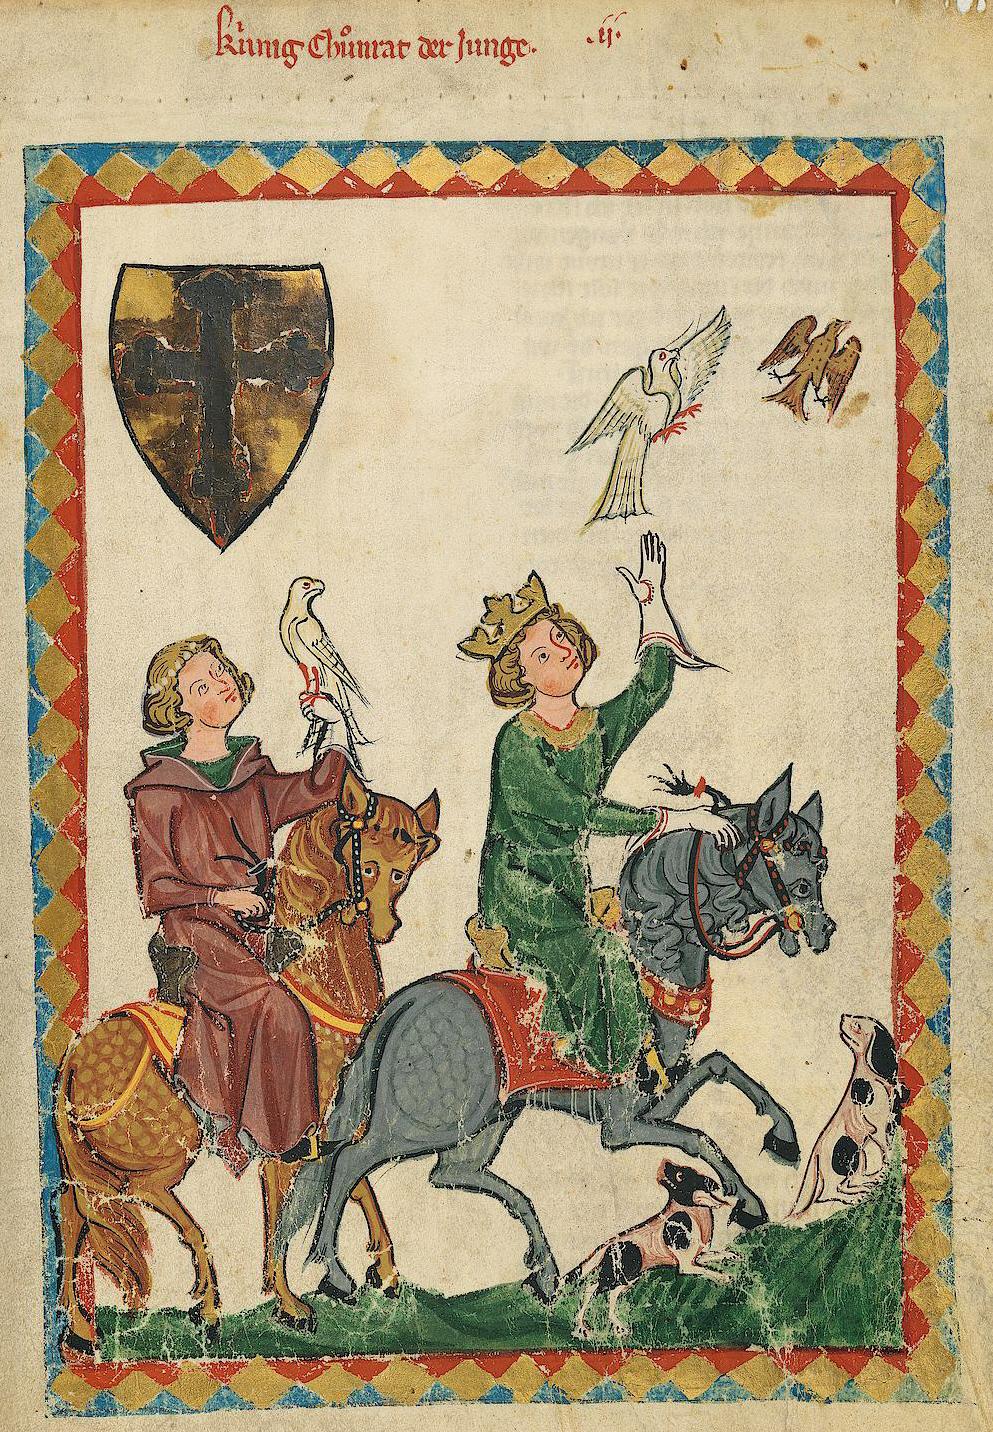 """ca. 1305–1340, UB Heidelberg, Cod. Pal. germ. 848, fol. 7r, Konradin von Hohenstaufen (""""König Konradin der Junge"""").<br>Quelle: <a href=""""https://digi.ub.uni-heidelberg.de/diglit/cpg848/0009"""">Heidelberger historische Bestände – digital</a><br>DOI: <a href=""""https://doi.org/10.11588/diglit.2222#0009"""">10.11588/diglit.2222#0009</a><br>Lizenz: <a href=""""https://creativecommons.org/licenses/by-sa/3.0/de/"""">Creative Commons BY-SA 3.0</a>"""